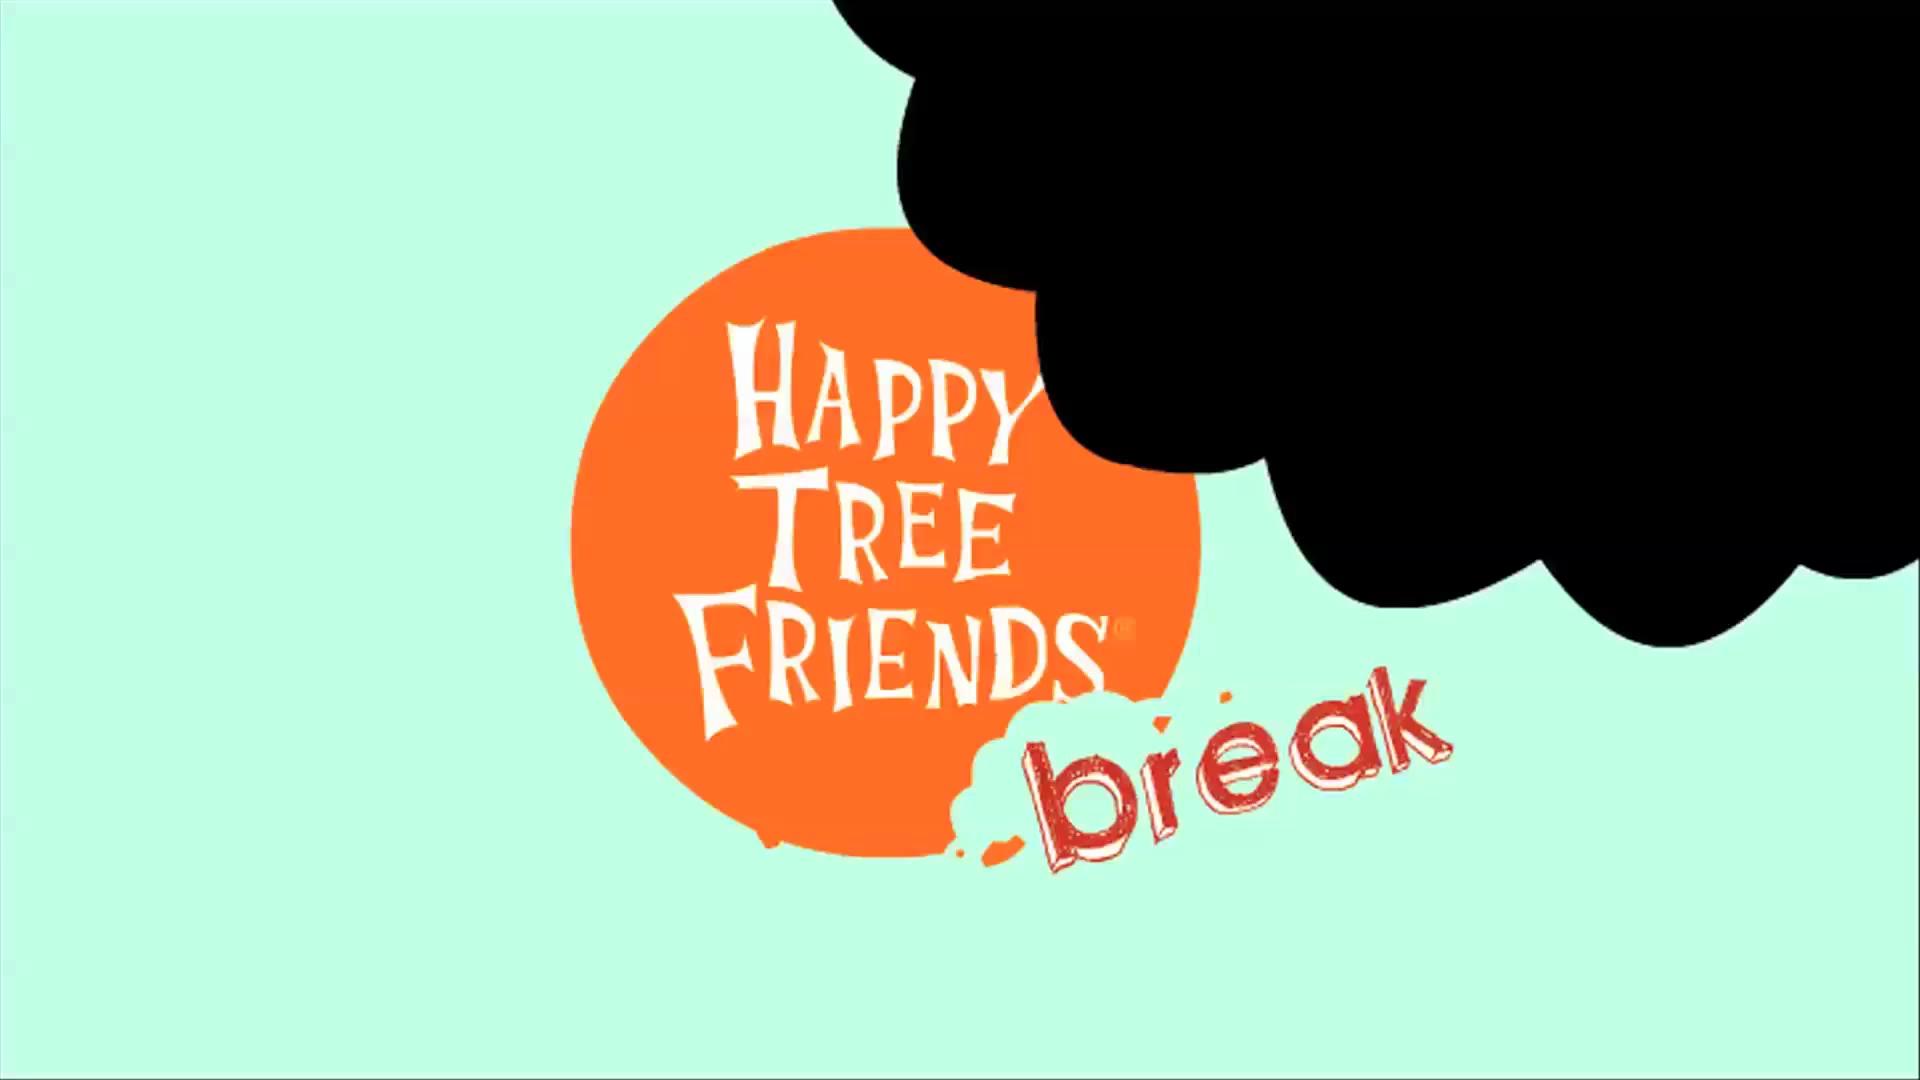 انیمیشن دوستان درختی شاد-فصل HTF Break قسمت 7- سال 2008- تمام قسمت ها در لینک زیر این ویدیو